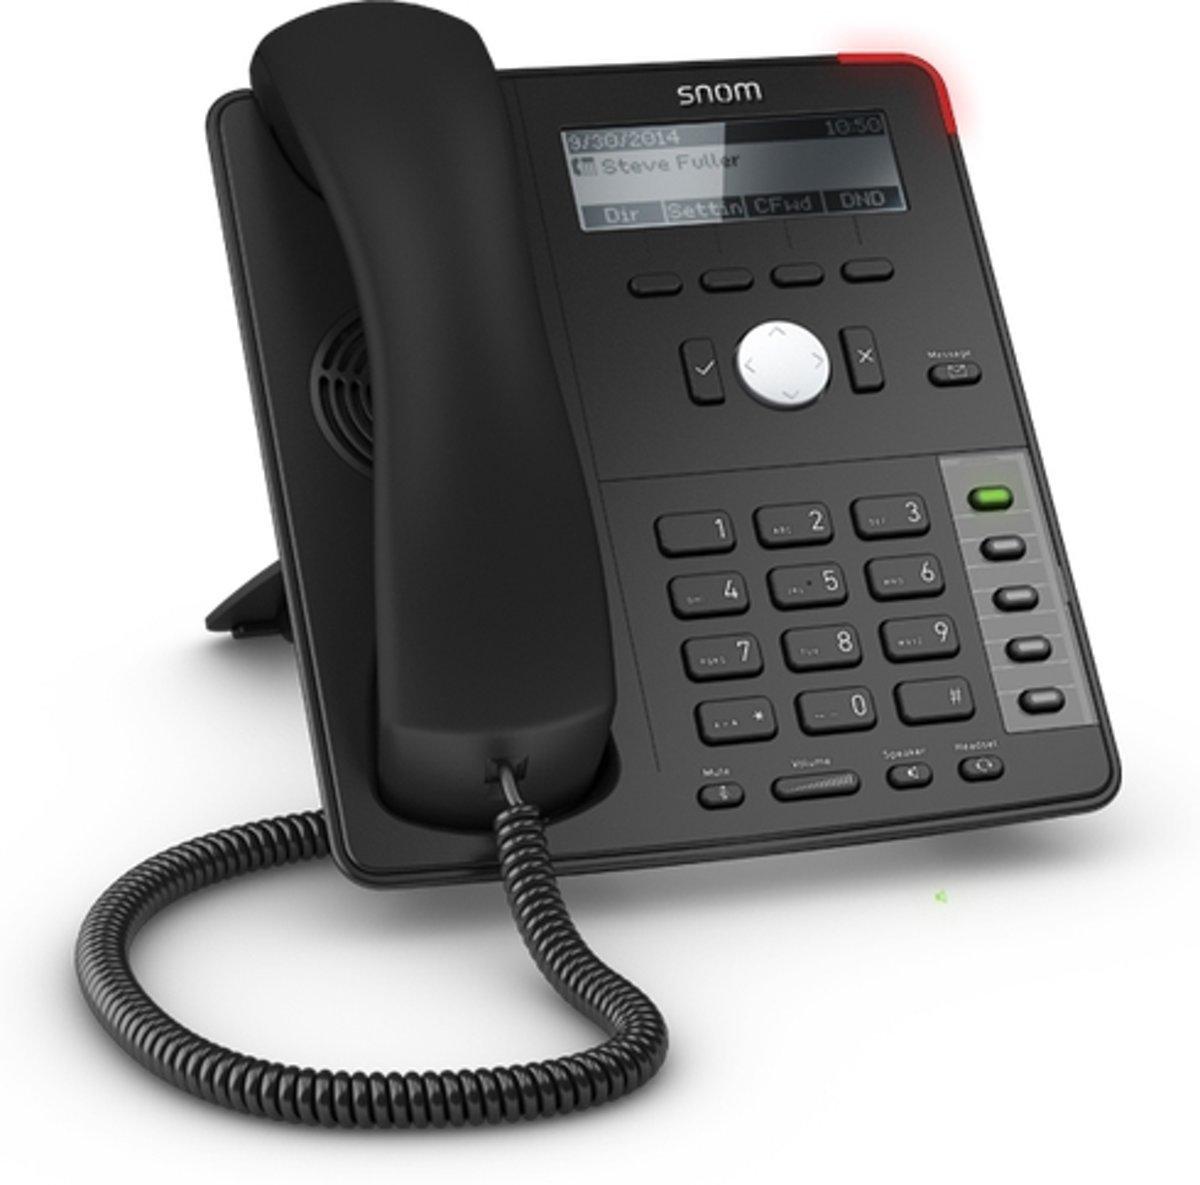 Snom D712 IP telefoon Zwart Handset met snoer 4 regels kopen